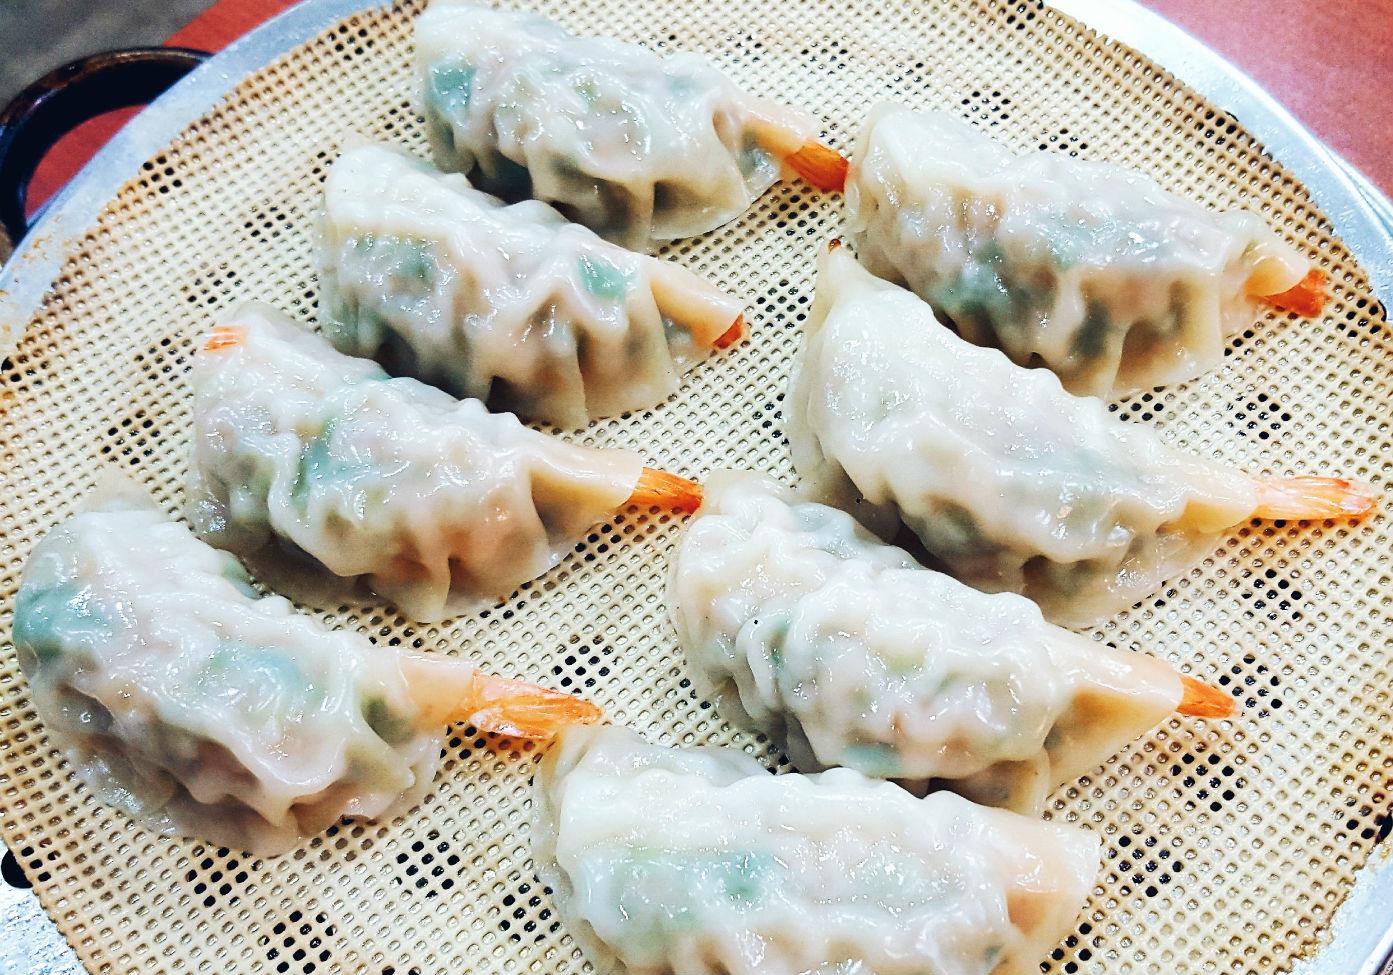 Dumplings-Busan